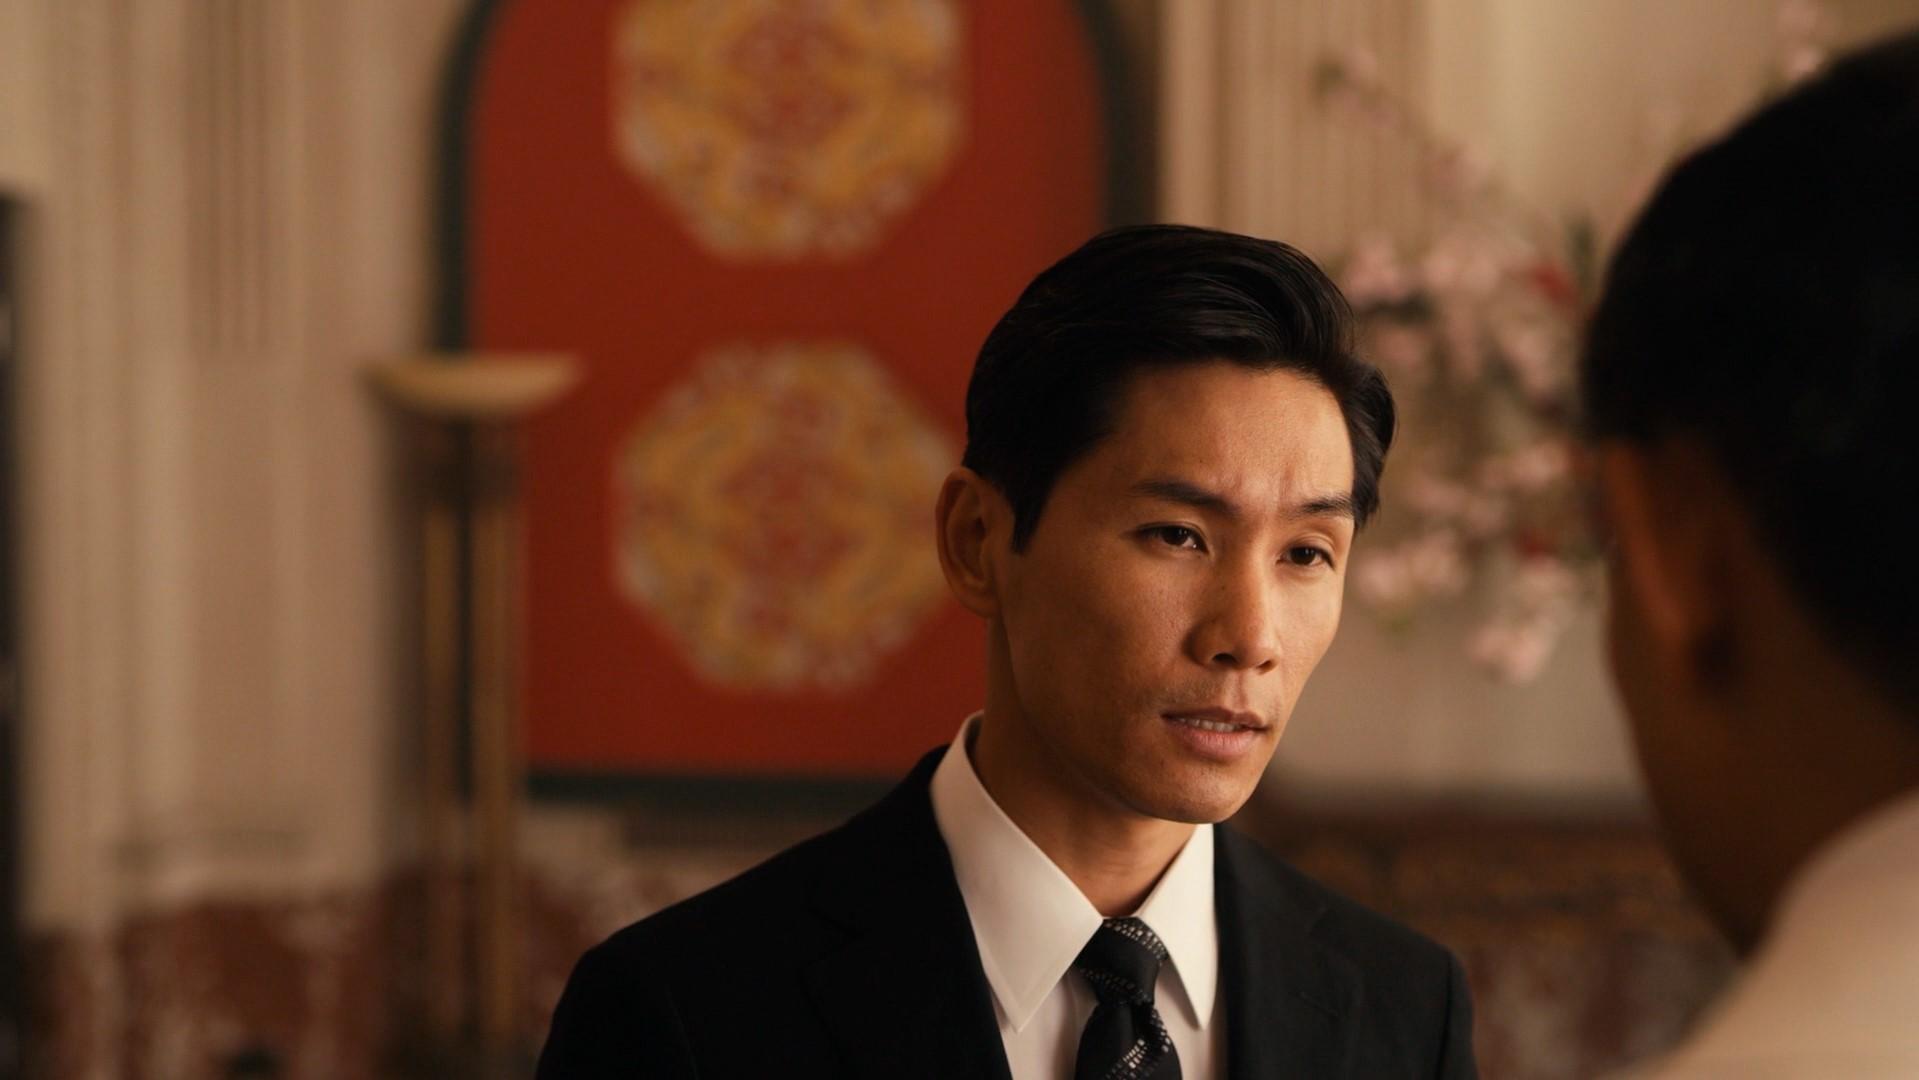 Versão jovem do ministro Zhang/White Rose encarando seu amante